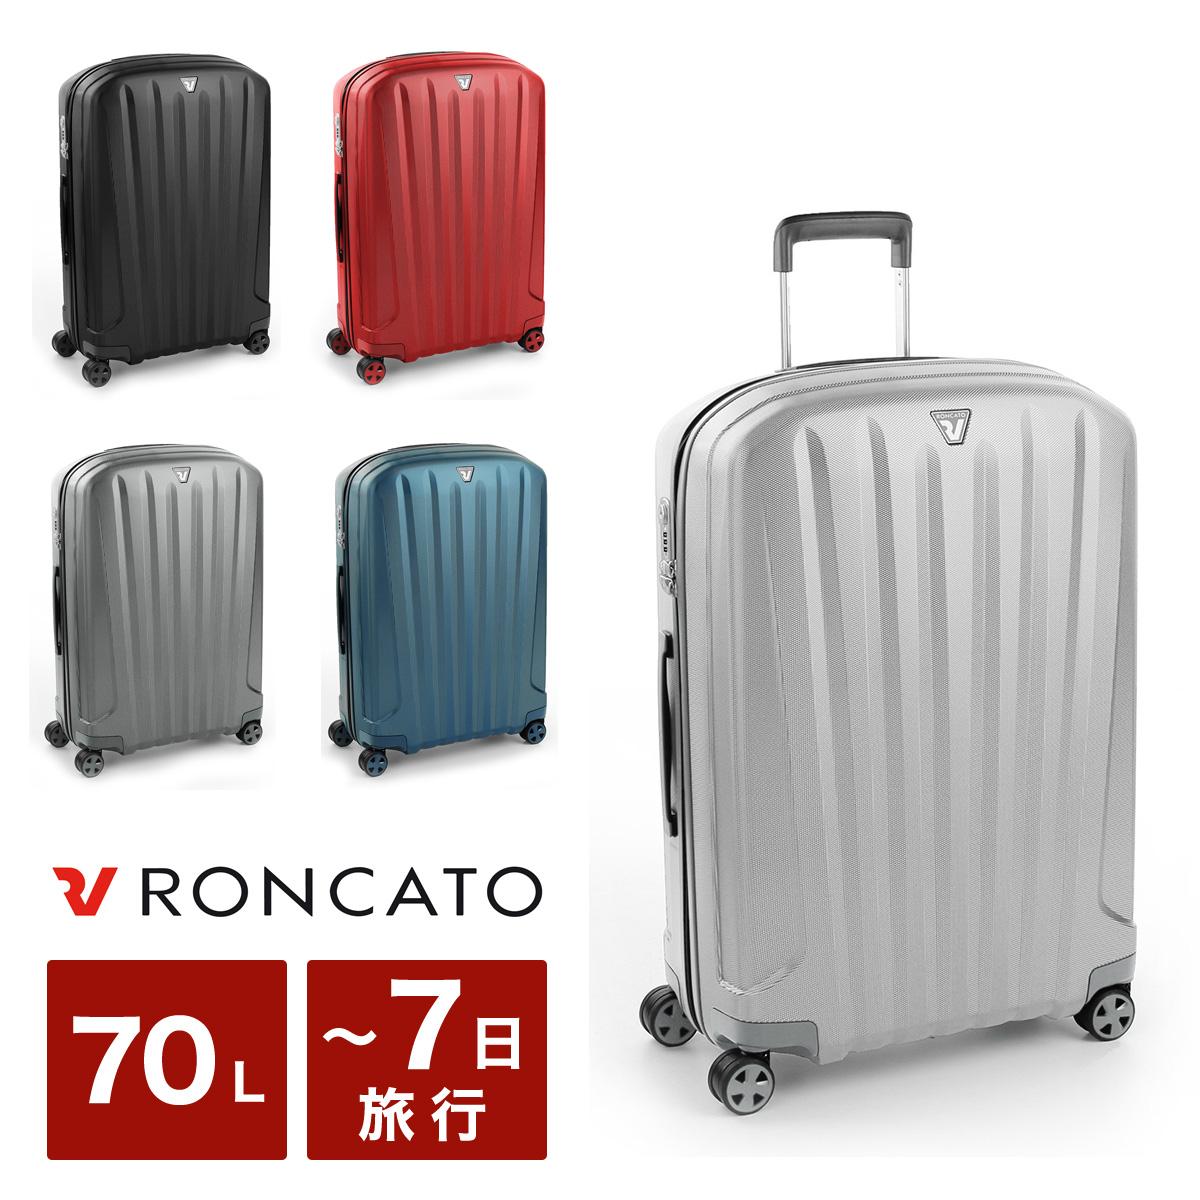 ロンカート スーツケース イタリア製 UNICA 5612 67cm RONCATO ユニカ ハード キャリーケース 軽量 TSAロック搭載 10年保証[bef]